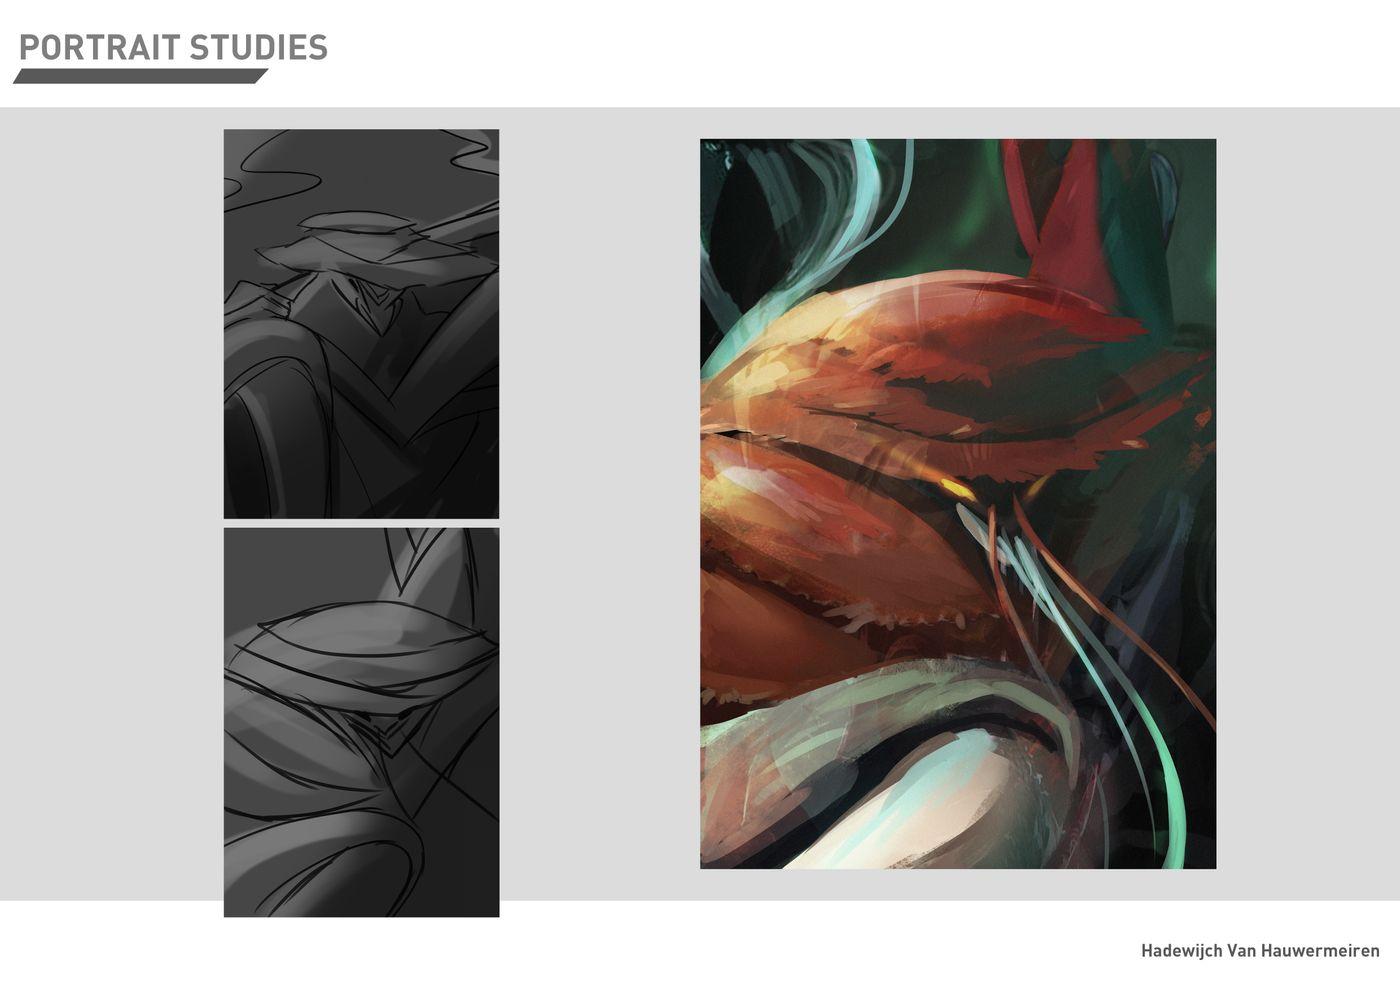 2 Dae04 Van Hauwermeiren Hadewijch Chd1920 Exam Studies 08 Mioch